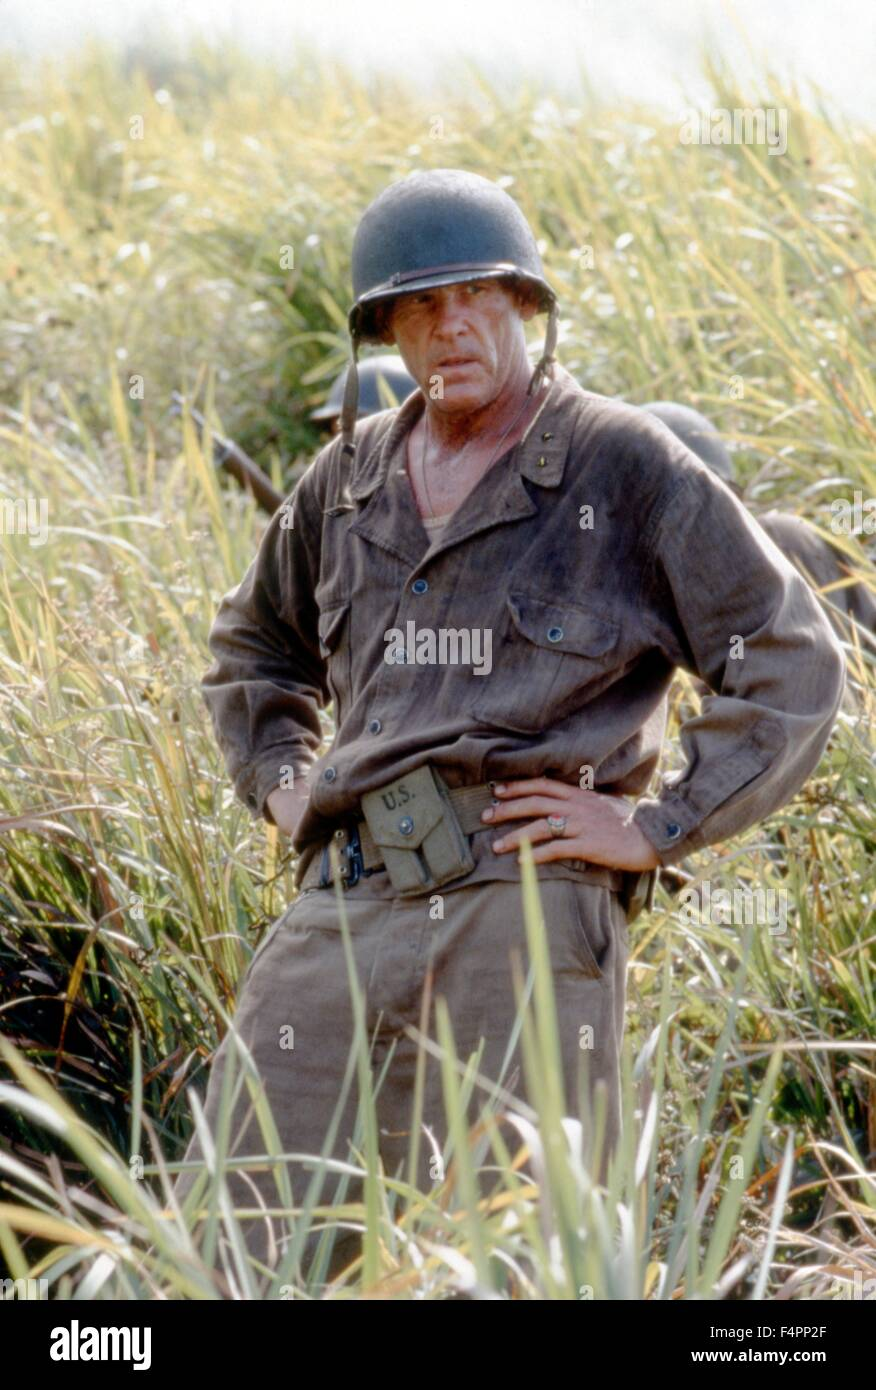 Nick Nolte / La sottile linea rossa / 1998 diretto da Terrence Malick [Twentieth Century Fox Film corpo] Immagini Stock